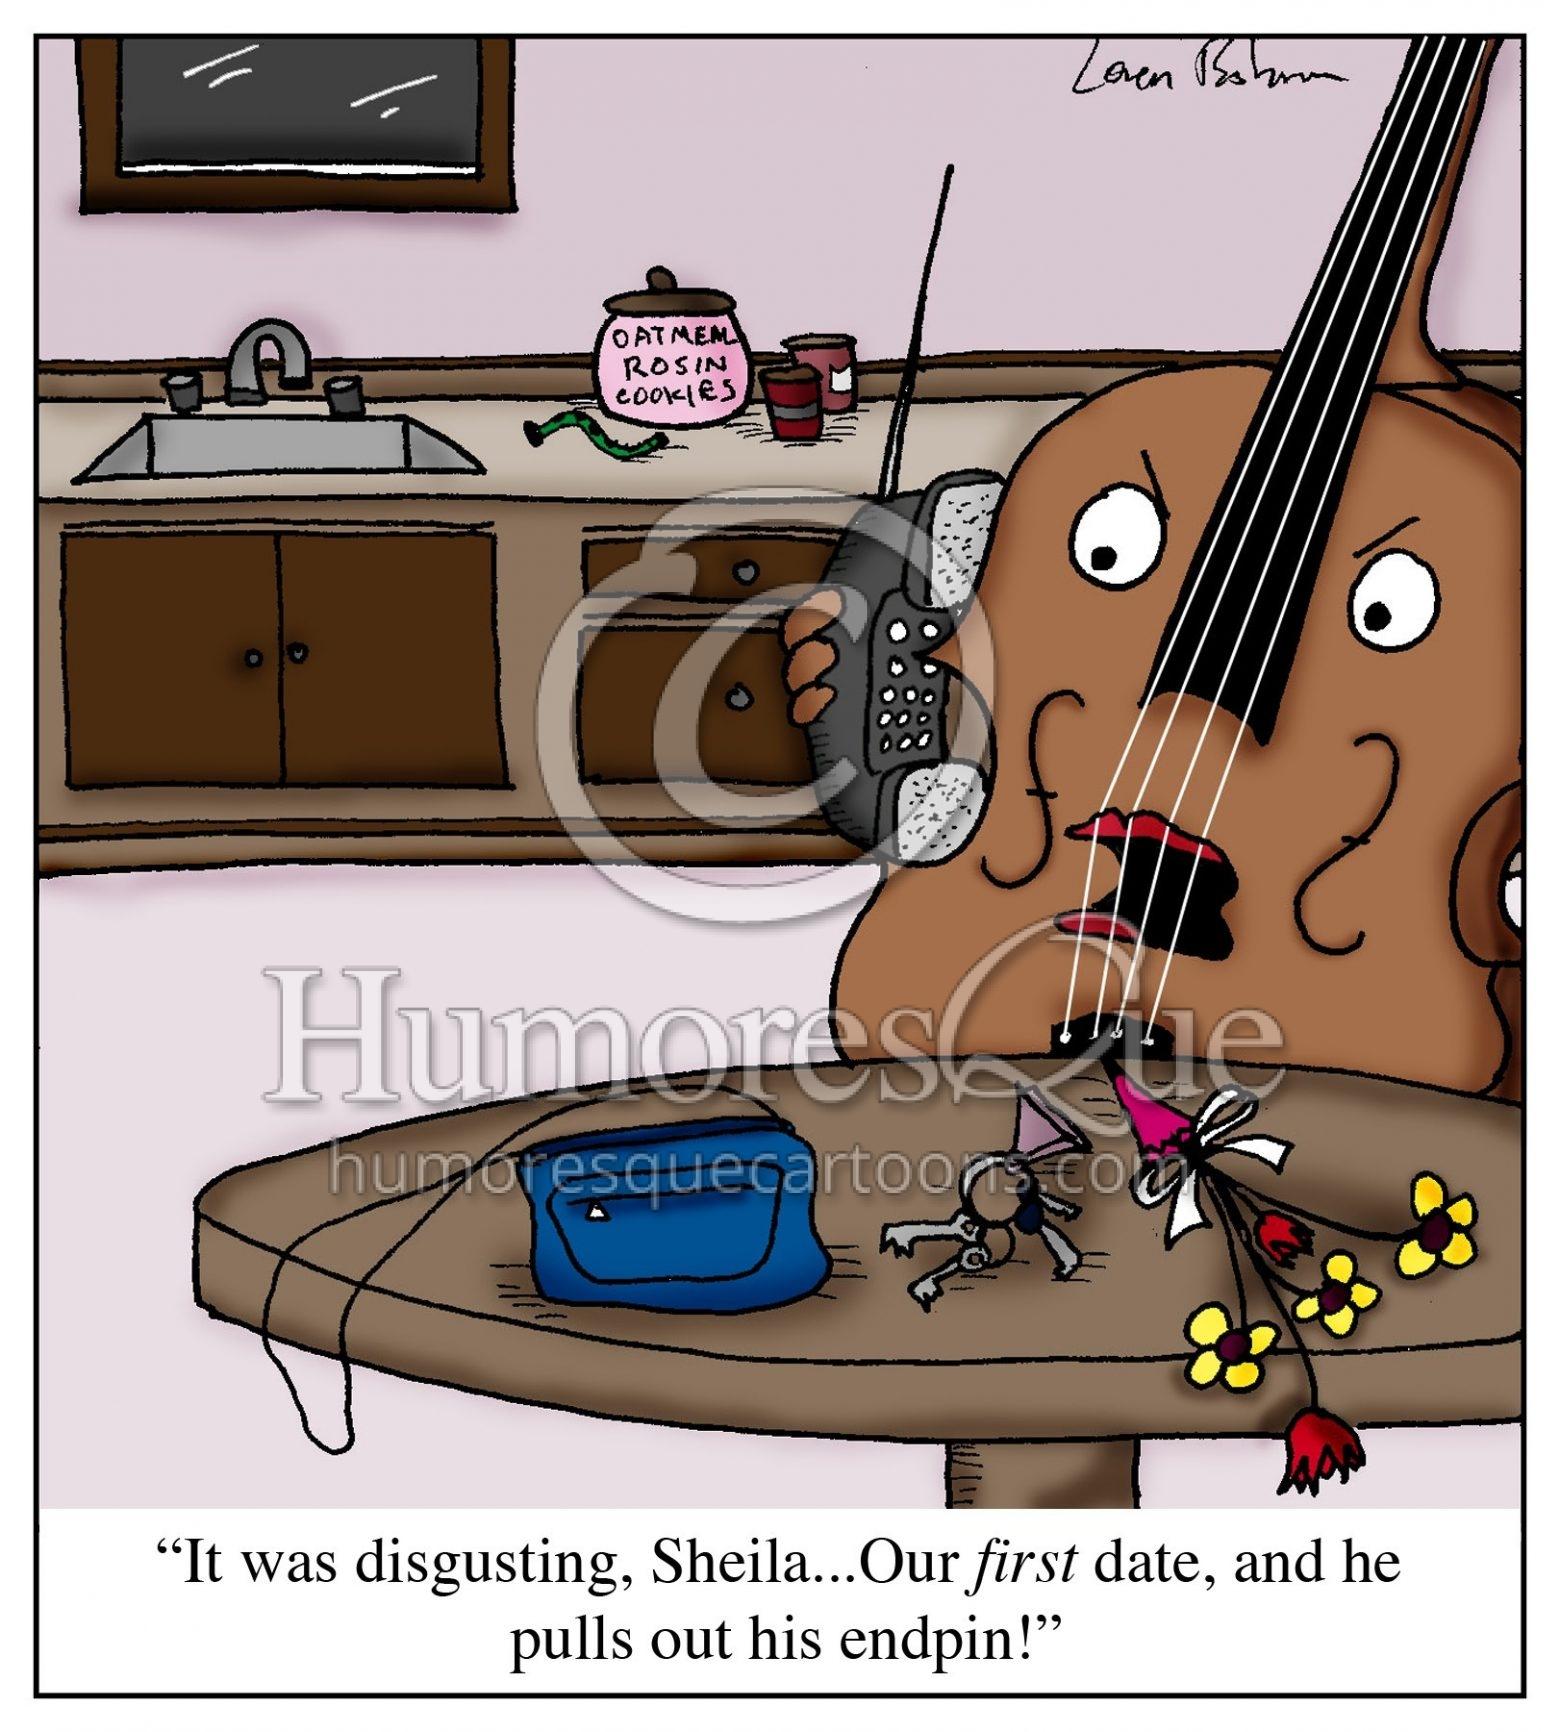 cello endpin dating dick joke cartoon